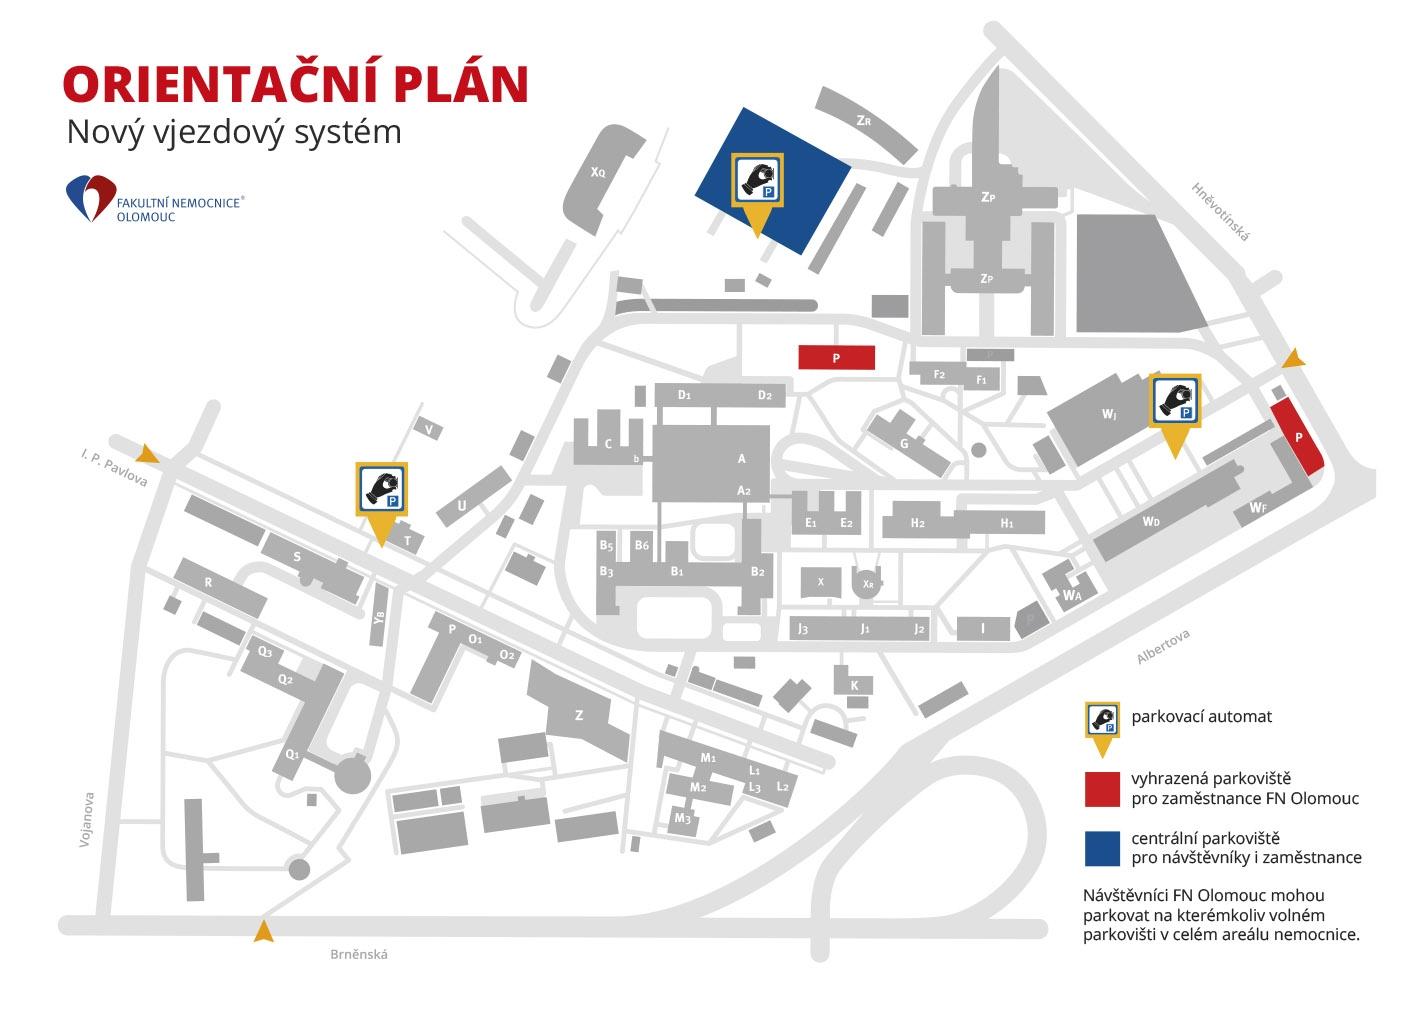 Fakultní nemocnice Olomouc testuje nový vjezdový a parkovací systém - orientační plán zdroj: FN OL